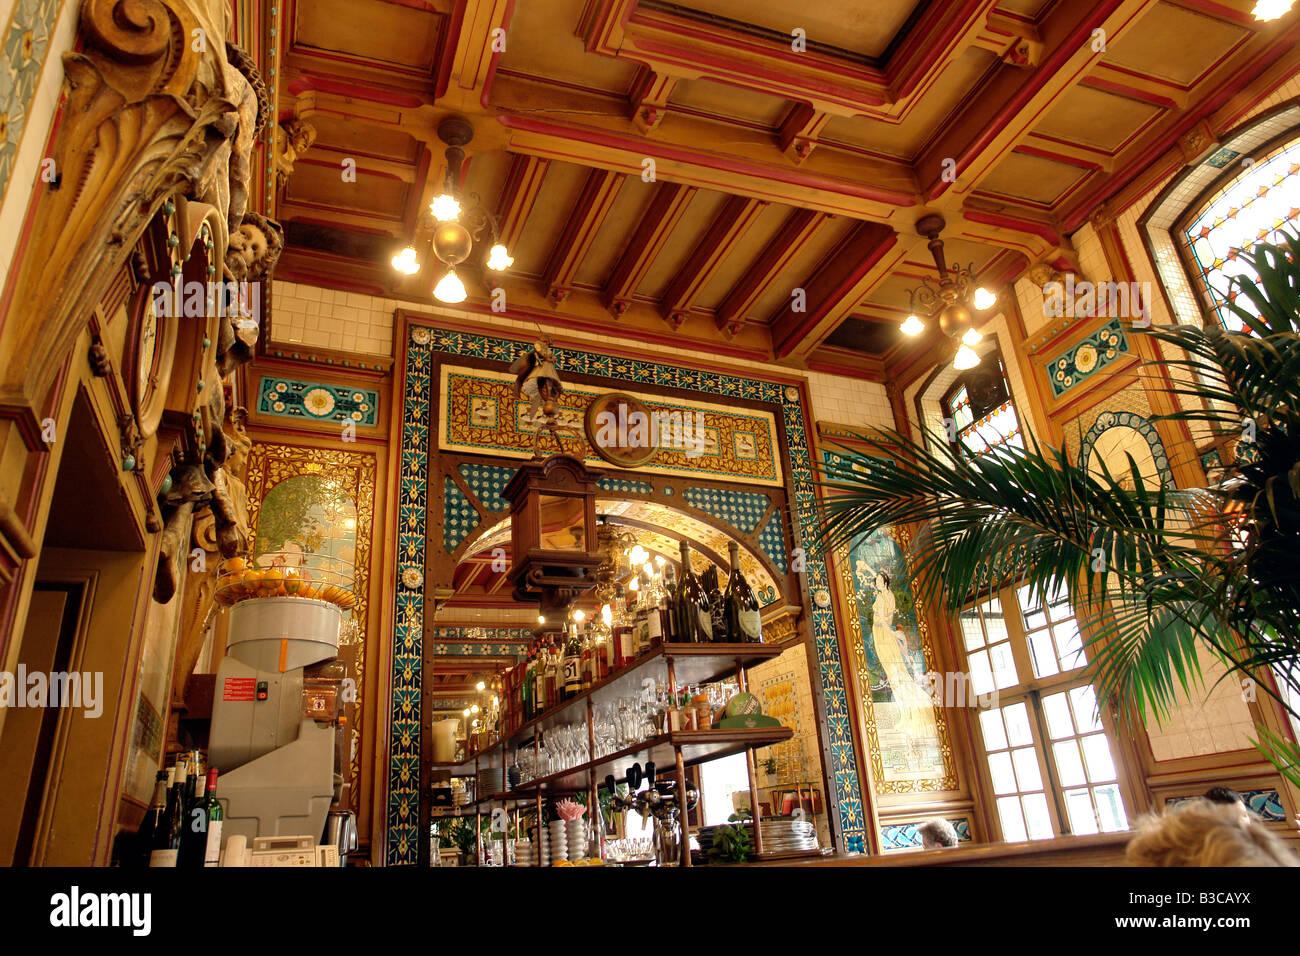 Art color nantes horaires - France Nantes Loire Atlantique The Restaurant La Cigale An Art Deco Restaurant Founded In 1895